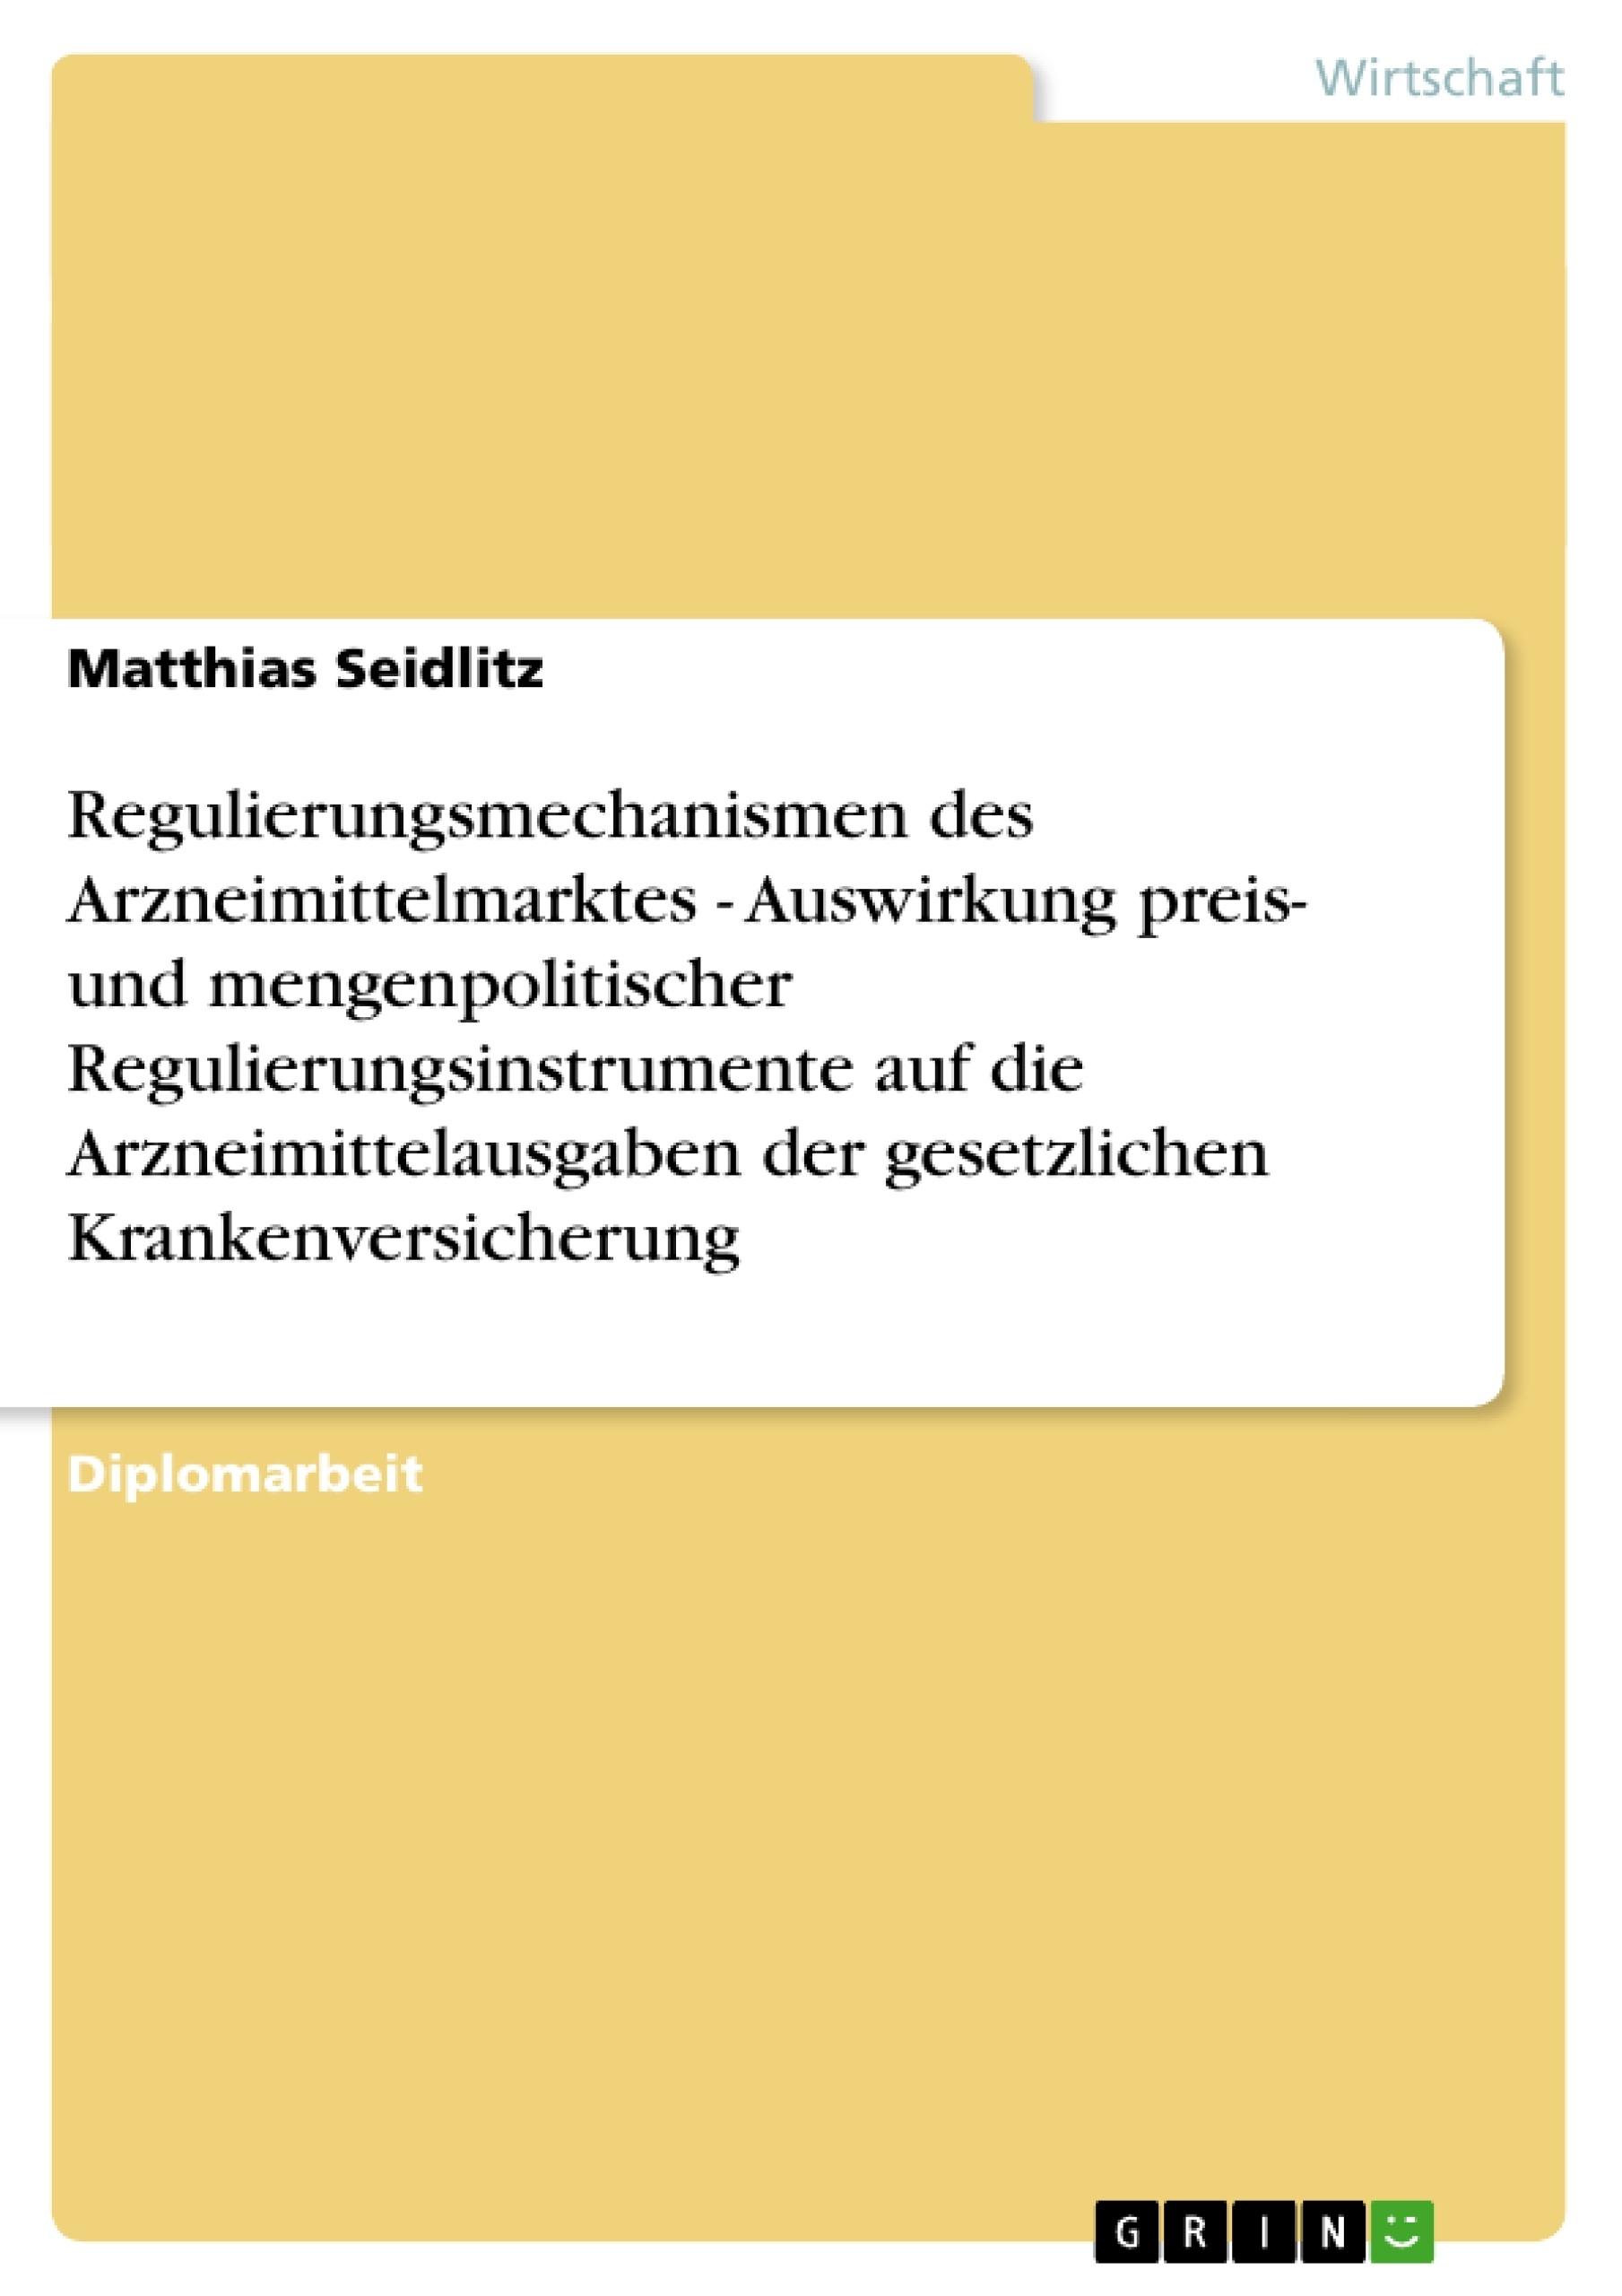 Titel: Regulierungsmechanismen des Arzneimittelmarktes - Auswirkung preis- und mengenpolitischer Regulierungsinstrumente auf die Arzneimittelausgaben der gesetzlichen Krankenversicherung